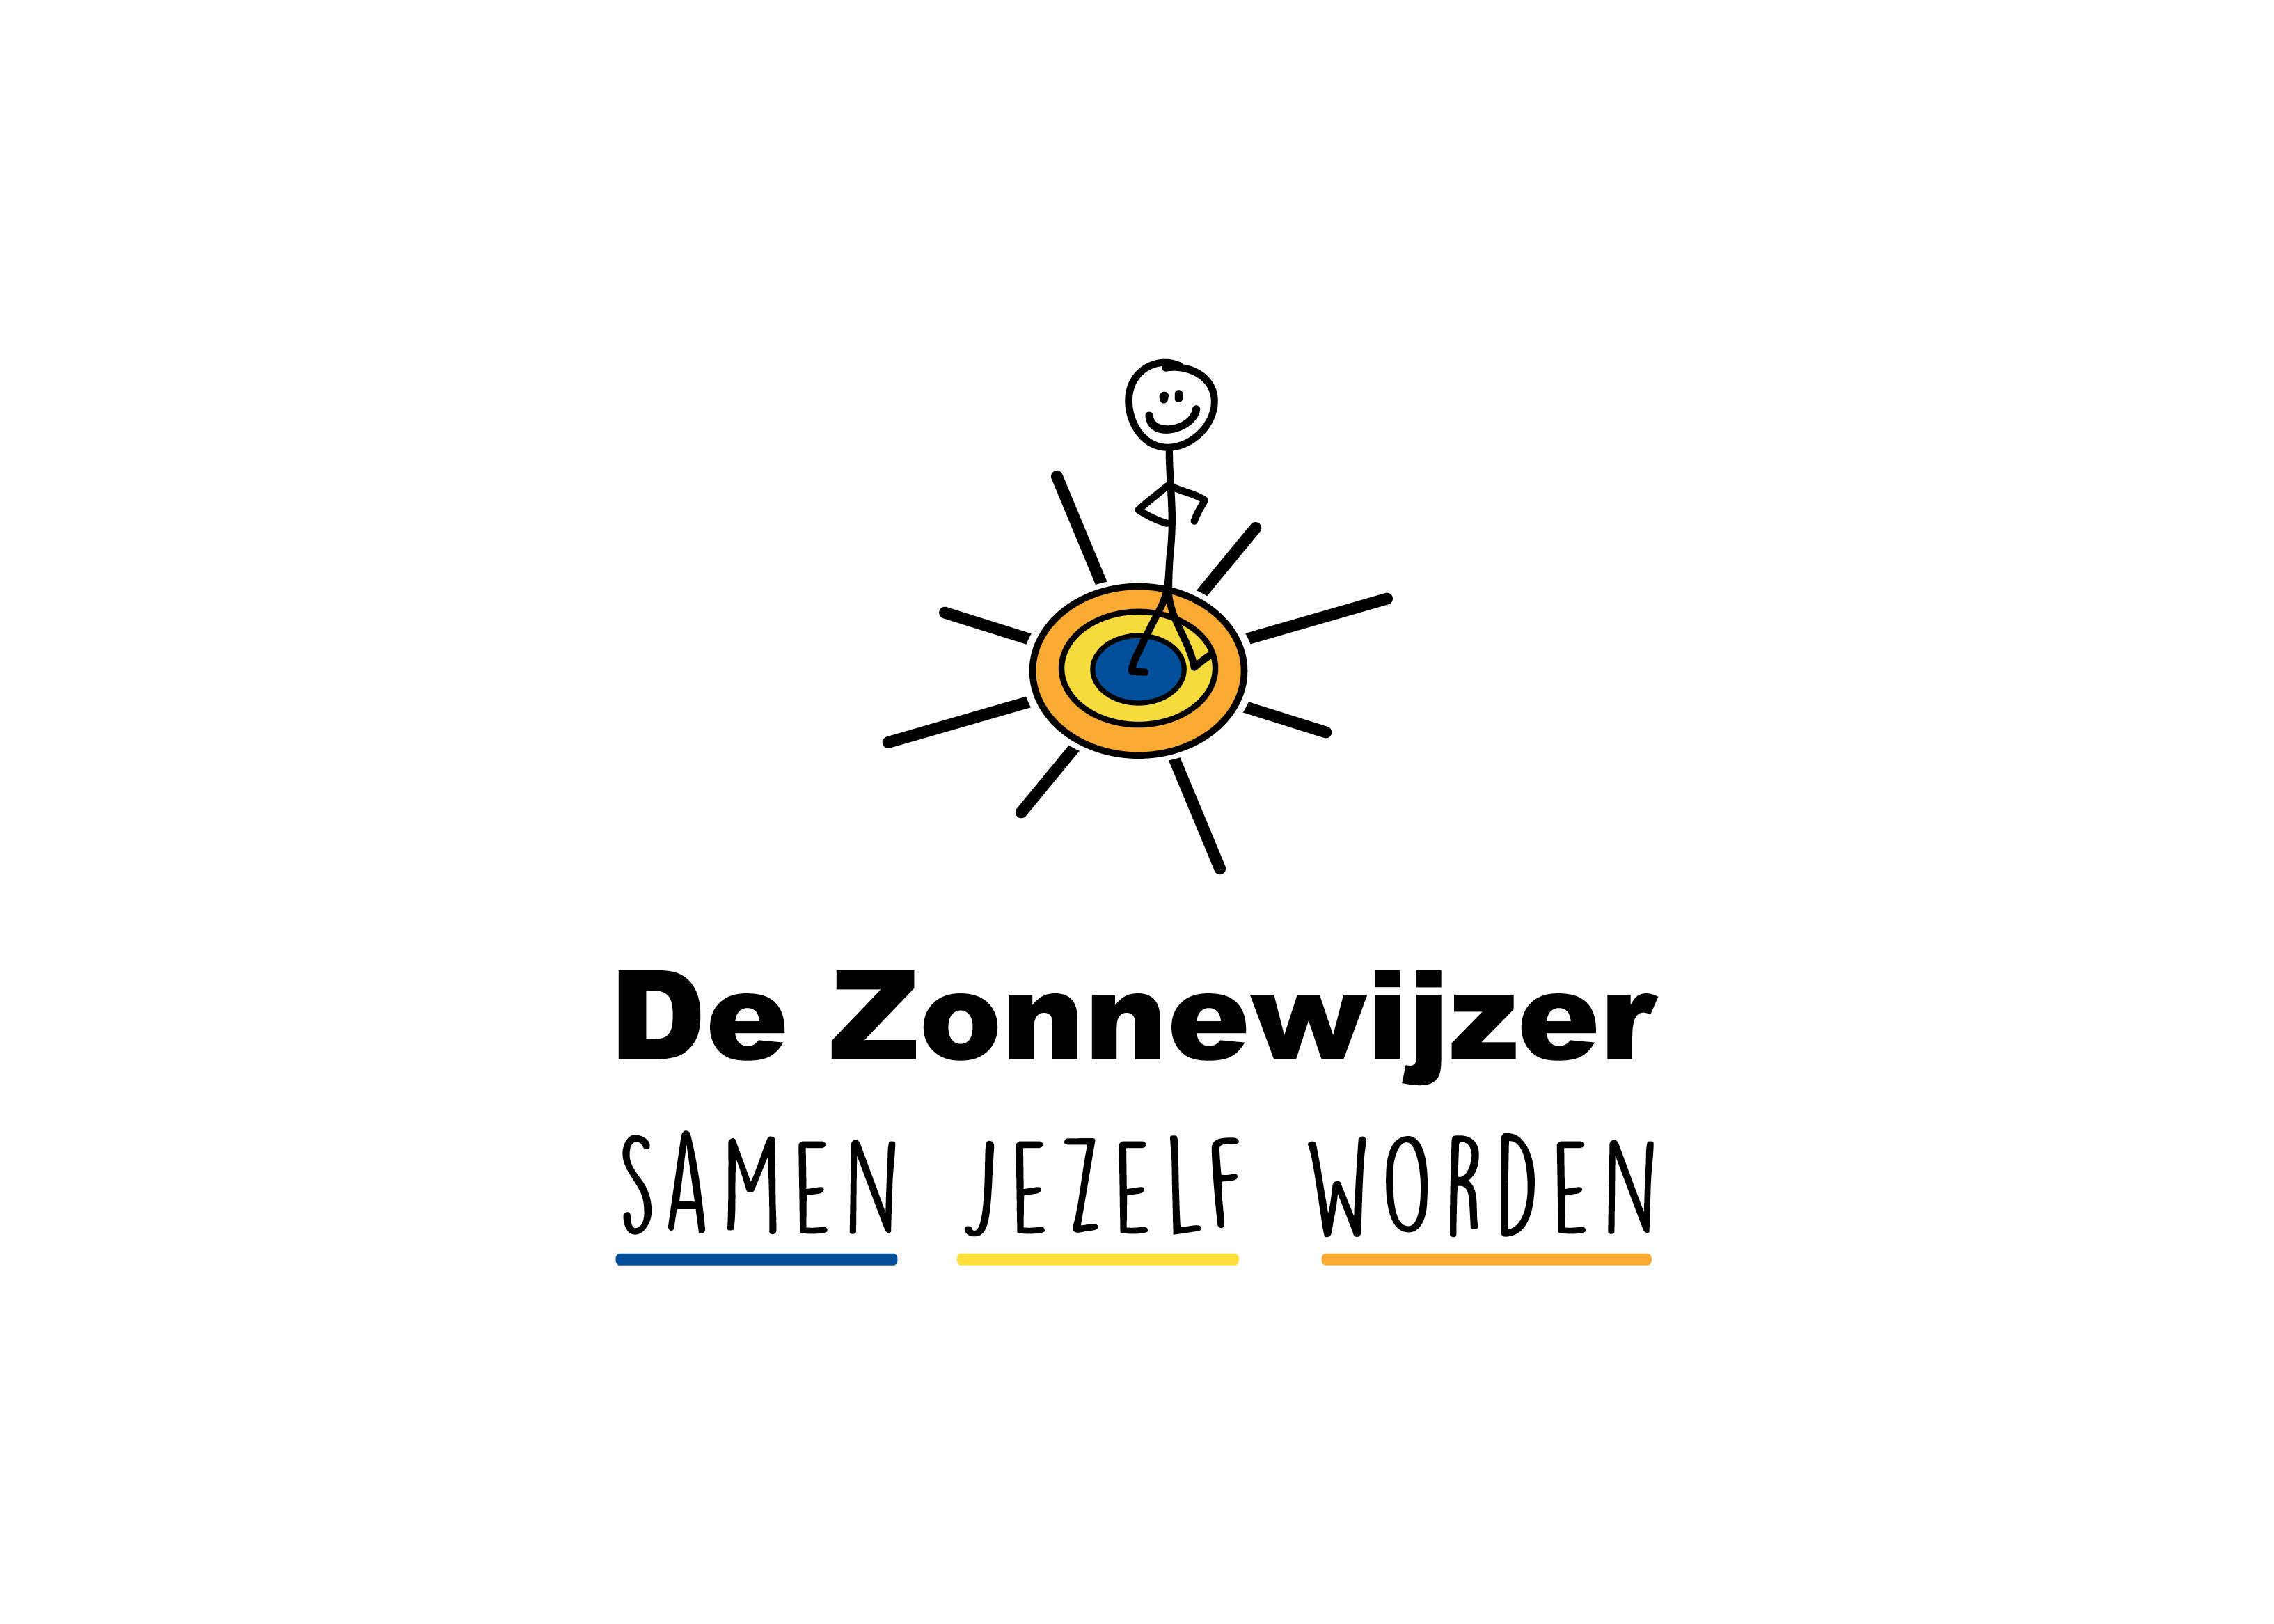 Voorbeeld van een logo ontwerp. Een logo voor De zonnewijzer. Ontwerpbureau: burowit in Kampen